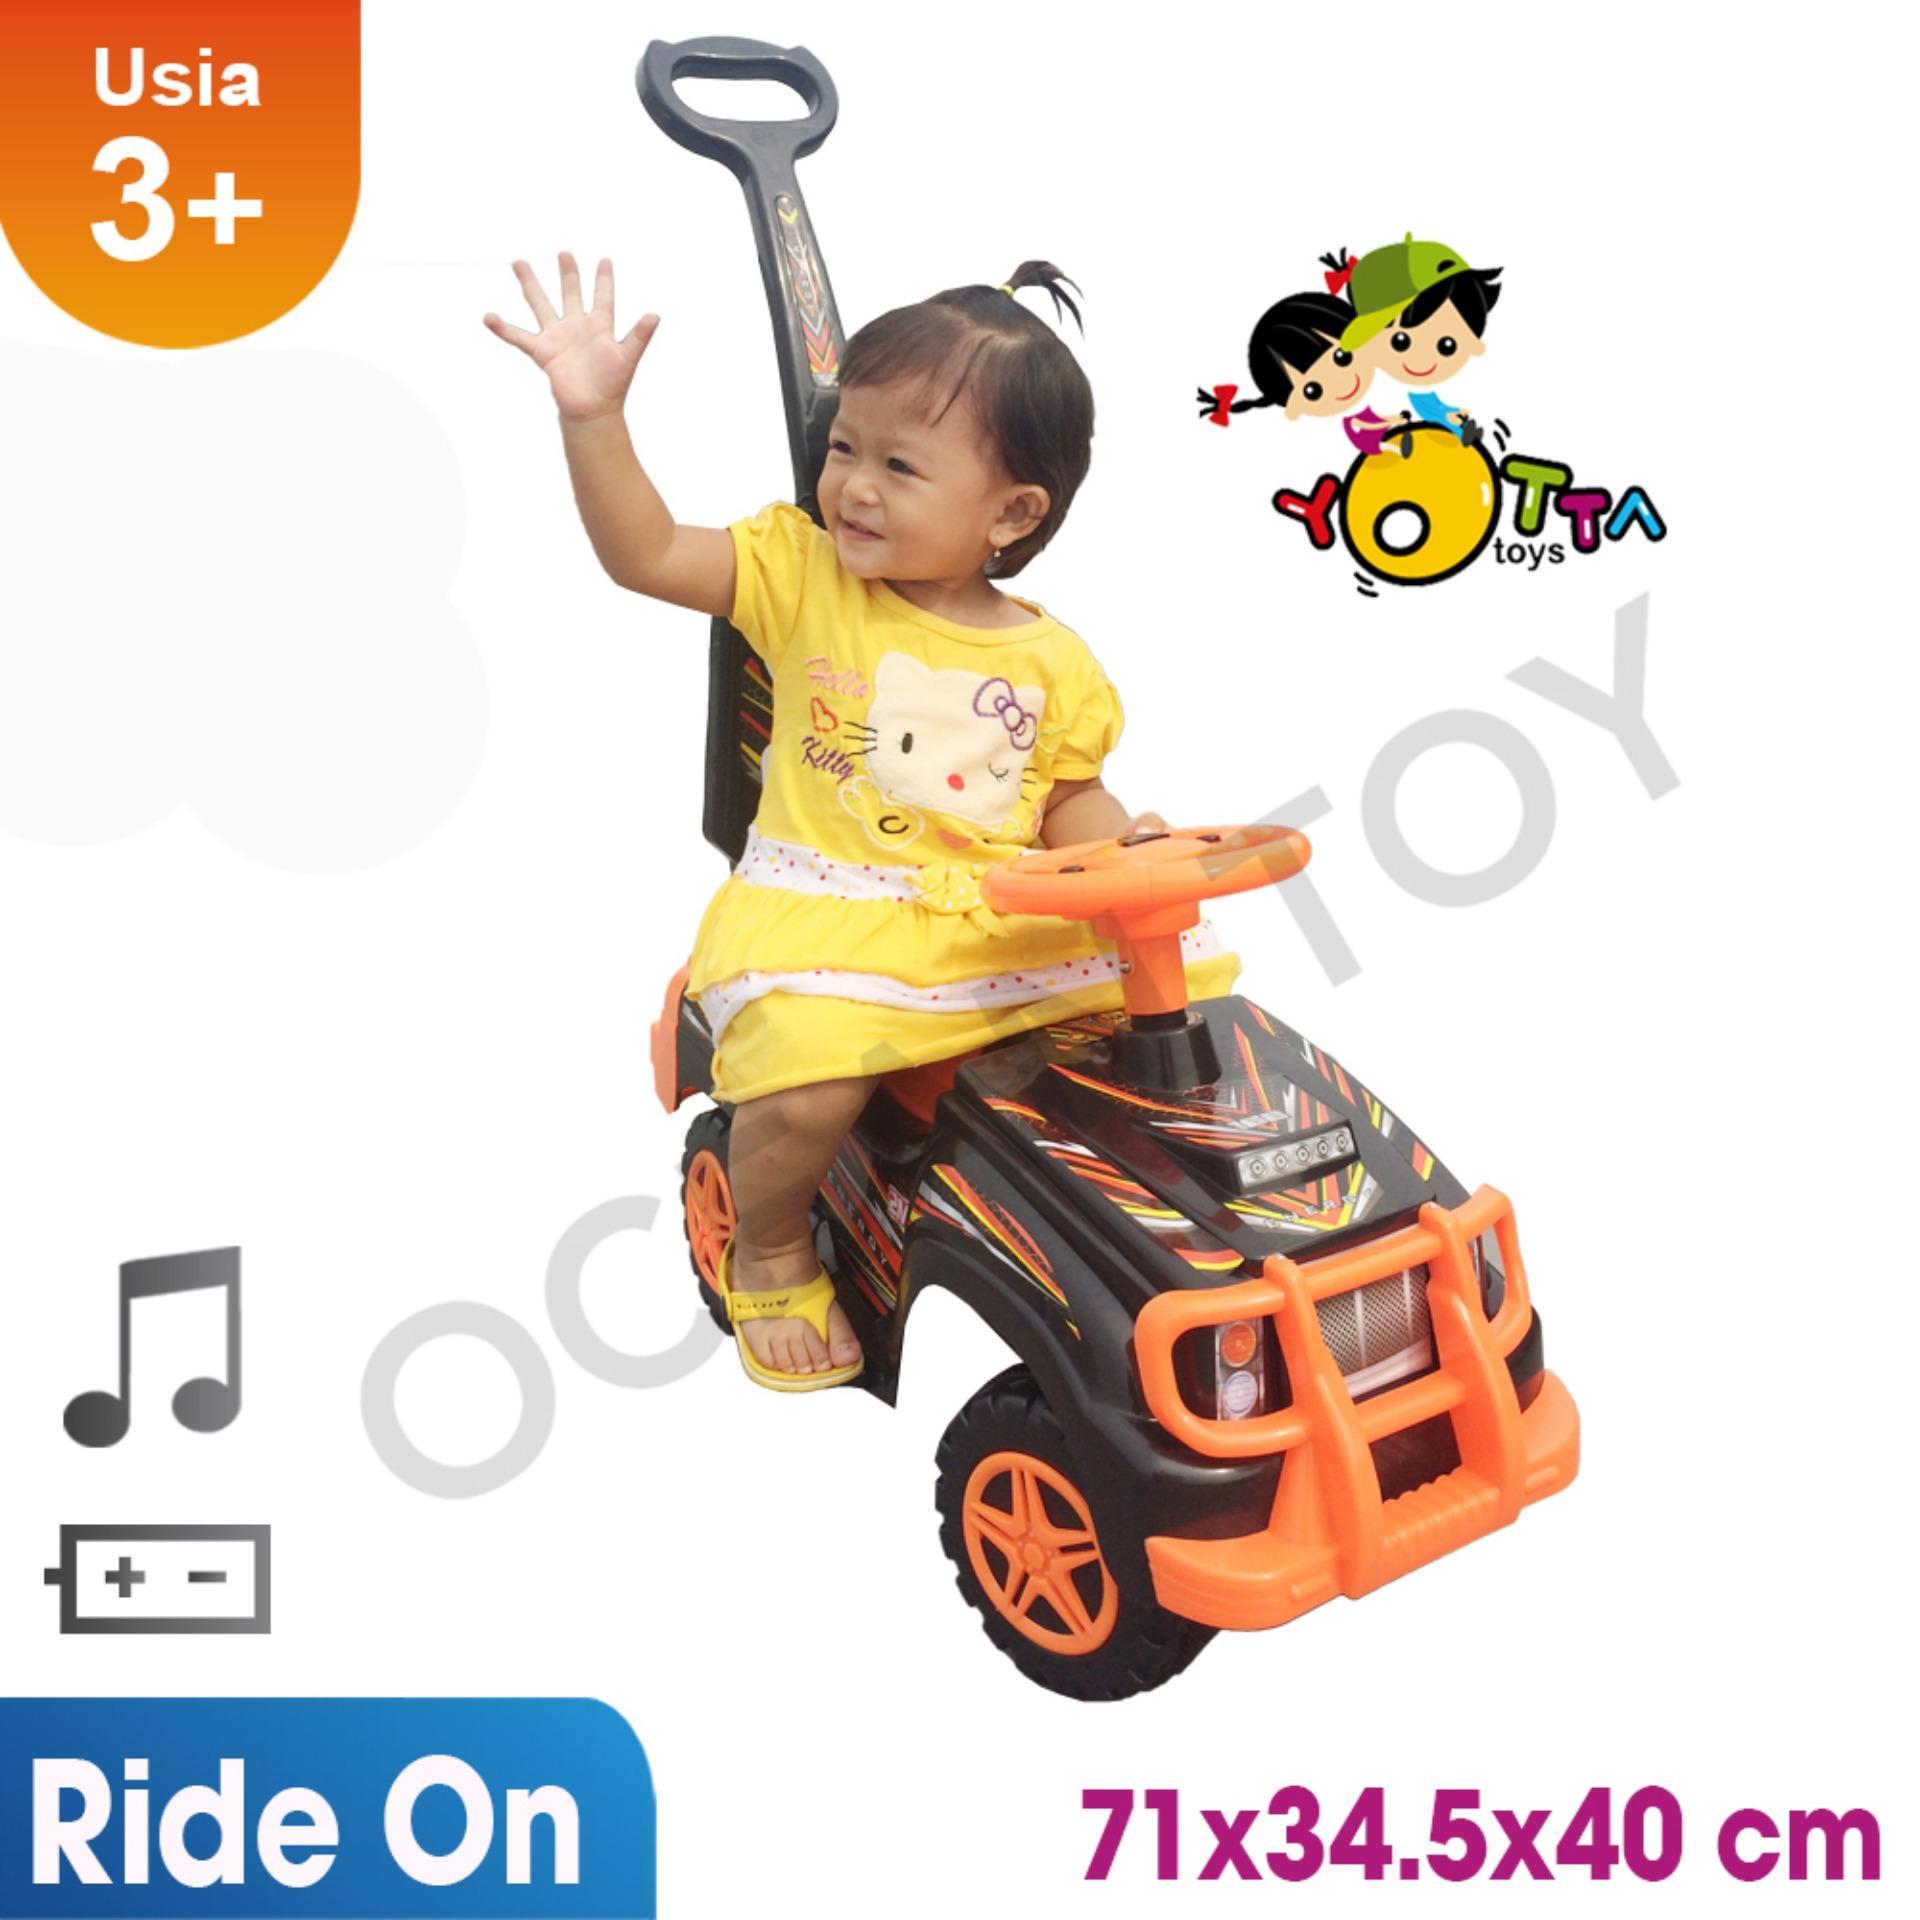 Ride On / Mainan Ride On / Khusus Jabodetabek Mainan Anak Mobil Orange Energy By Ocean Toy.